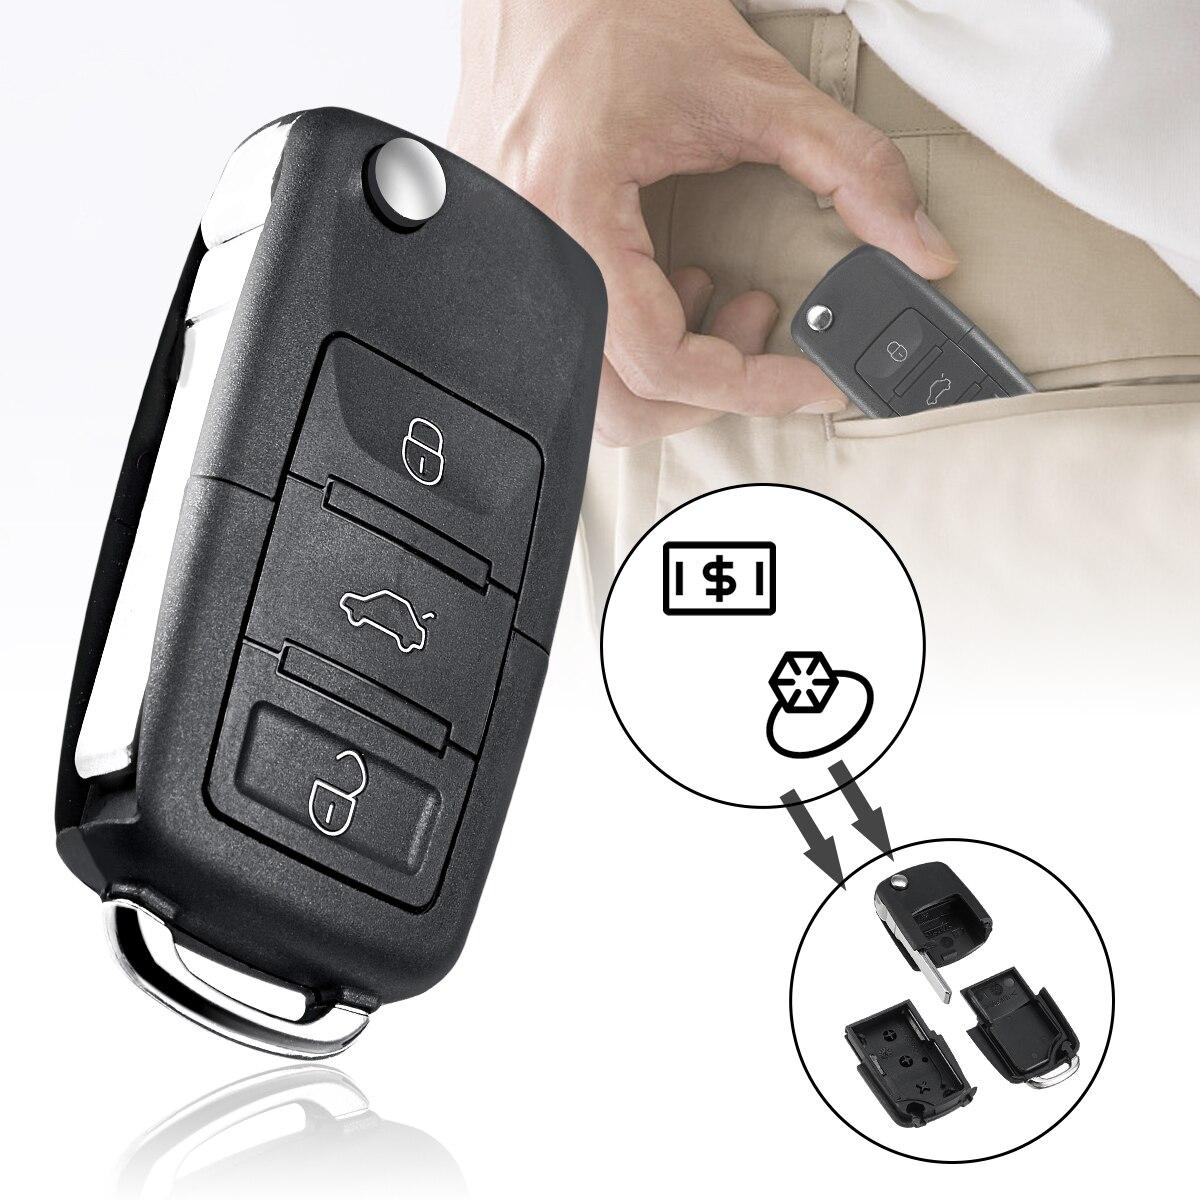 مفتاح السيارة مقصورة آمنة الحاويات سر إخفاء الجوف خبأ أداة حافظة مفاتيح للسيارة المحمولة آمنة تخزين مفتاح الحاويات